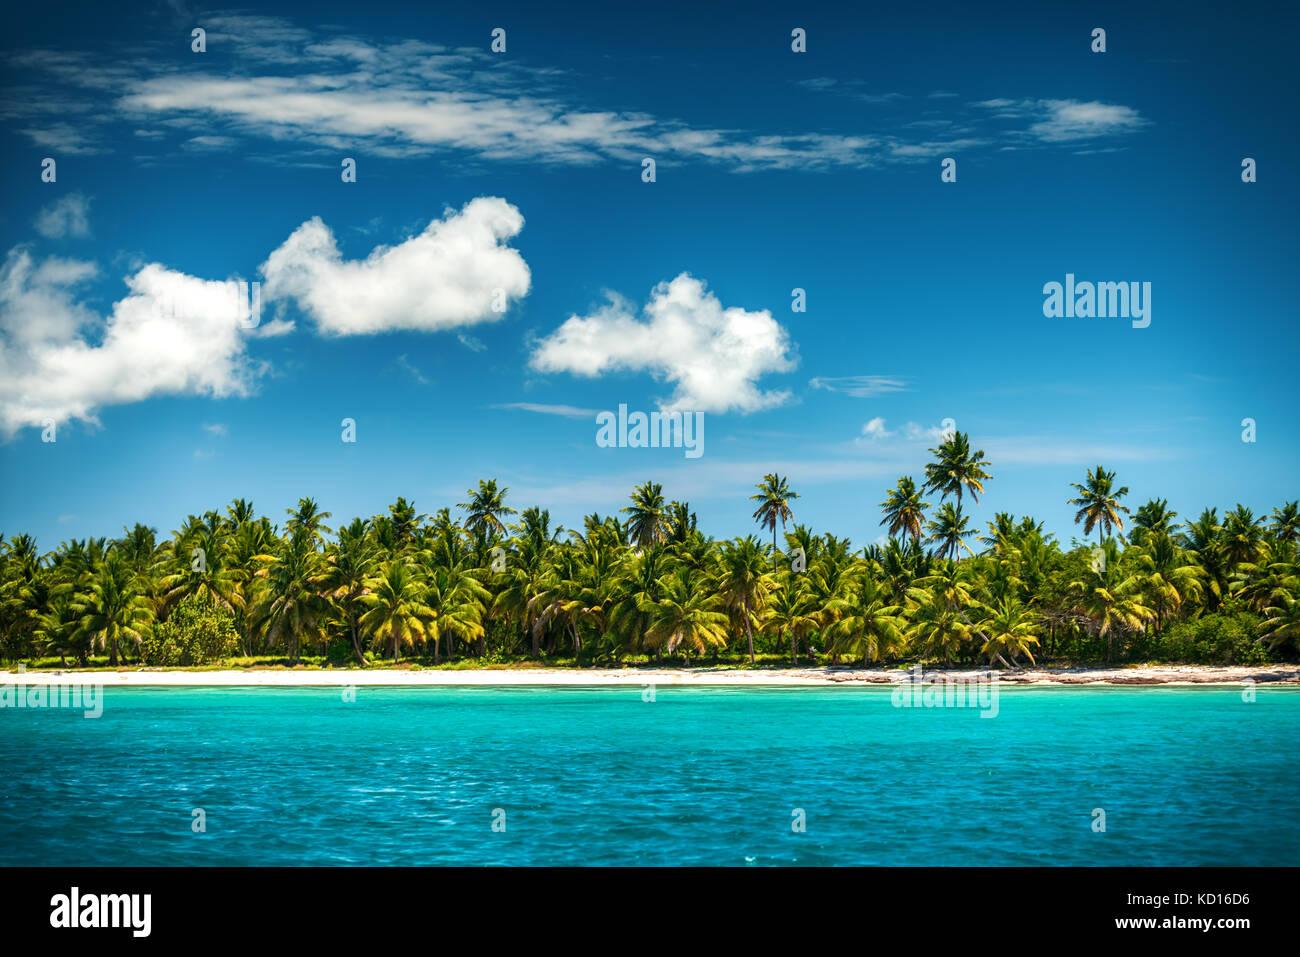 Palm y playa tropical,República dominicana Imagen De Stock